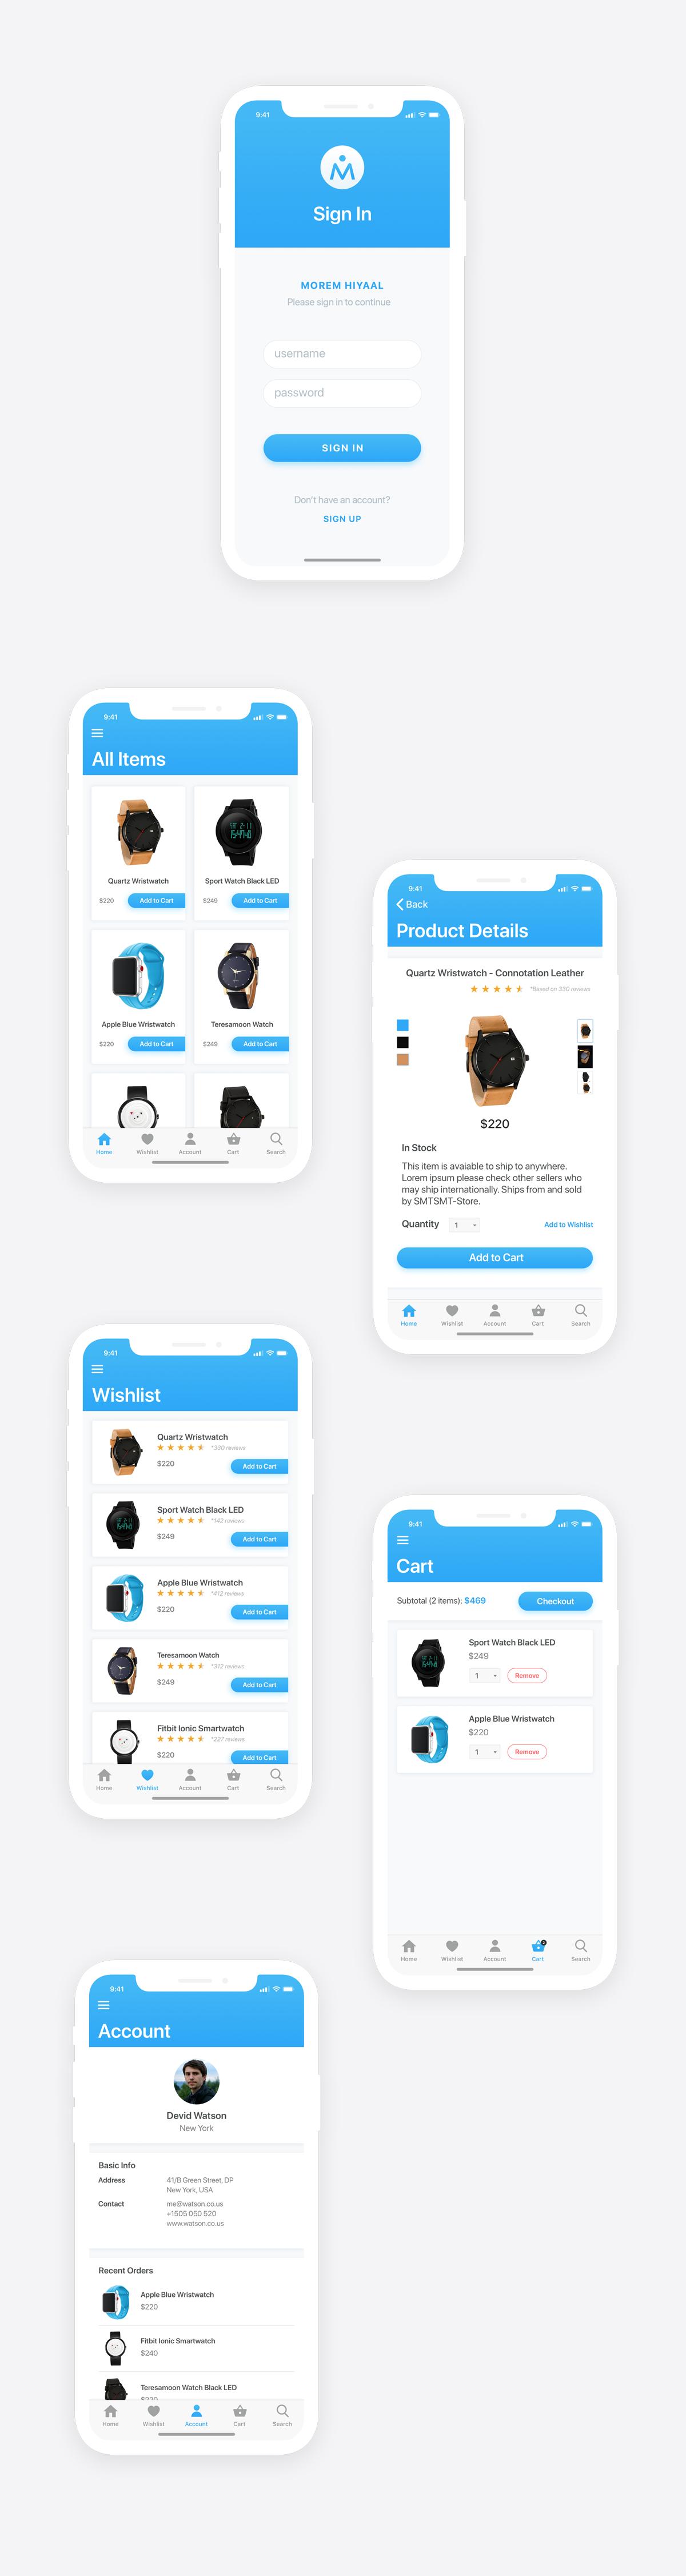 Morem Hiyaal - Free eCommerce iOS UI Kit